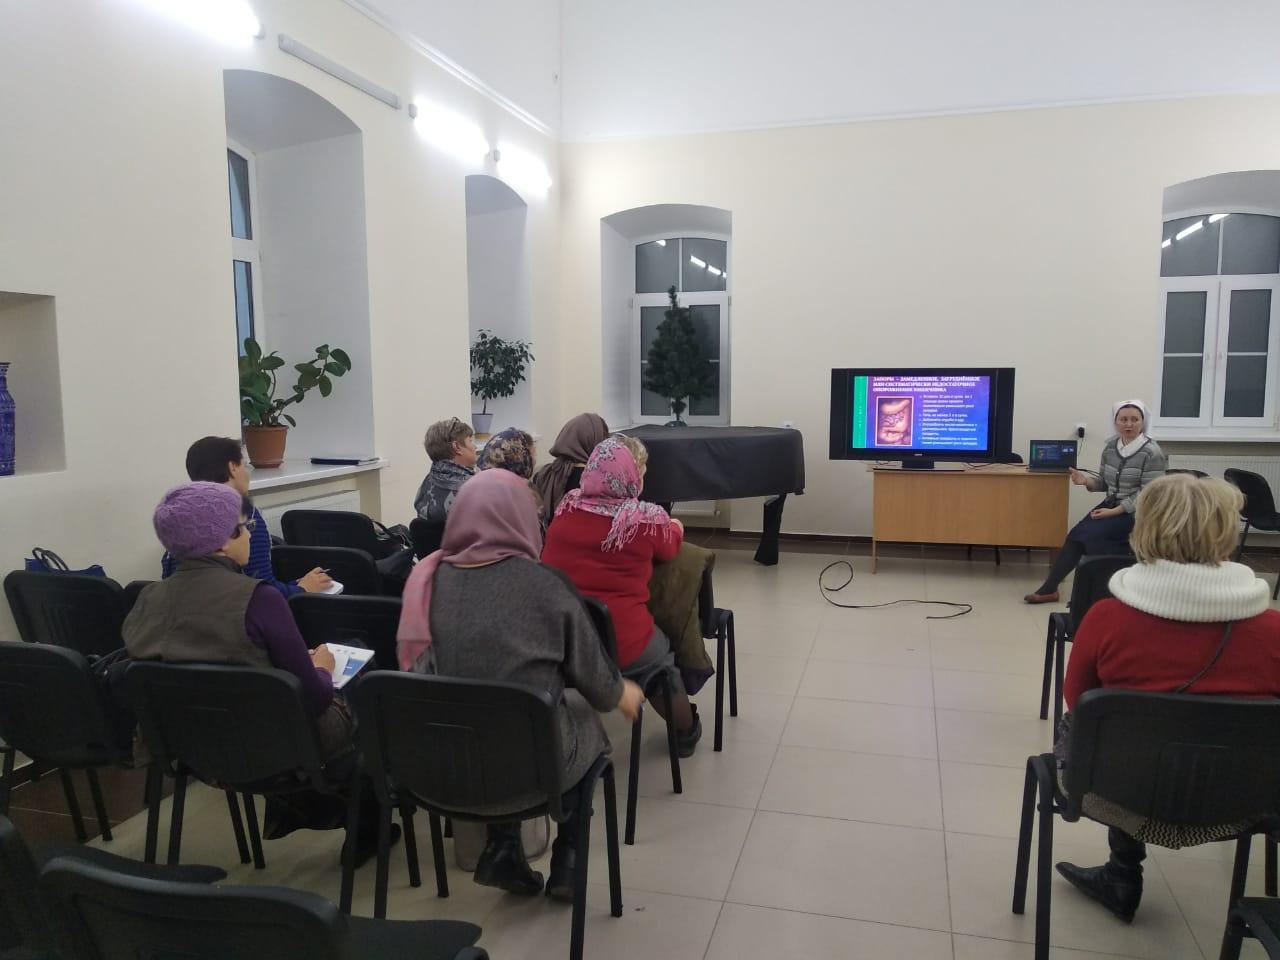 В Саратове мастер-класс по уходу представители московской службы «Милосердие» провели в неврологическом отделении